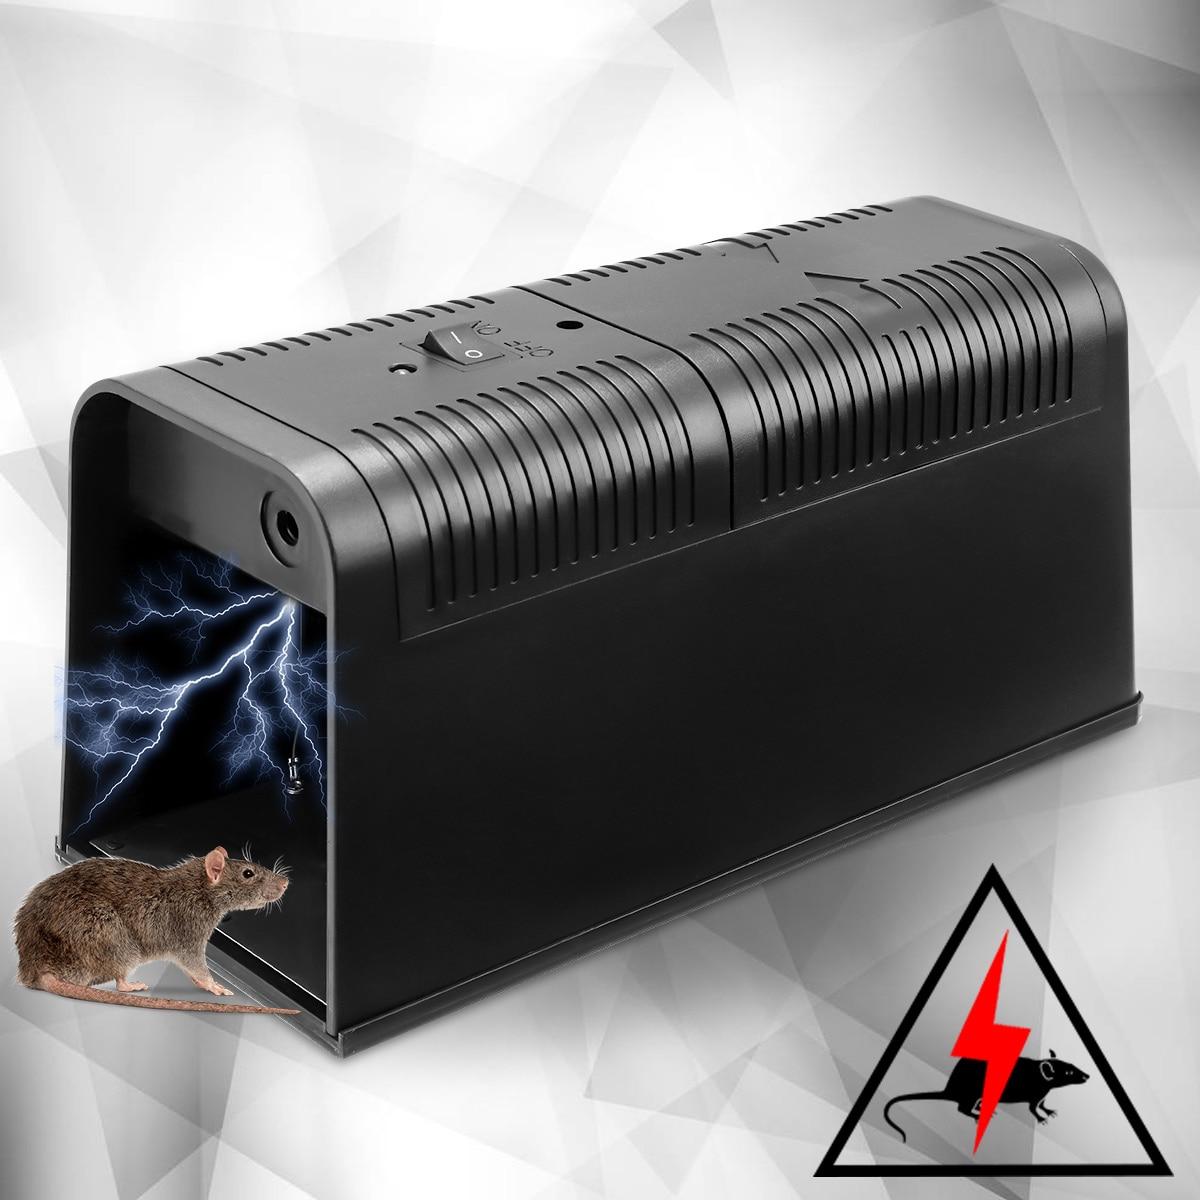 1 Pcs Elettrico Trappola Del Ratto Del Mouse Del Mouse Killer Elettronico Roditore Topo Humane Trappola Zapper Roditore Trappola Per Topi Dispositivo di 235X102X113 MILLIMETRI DC6V